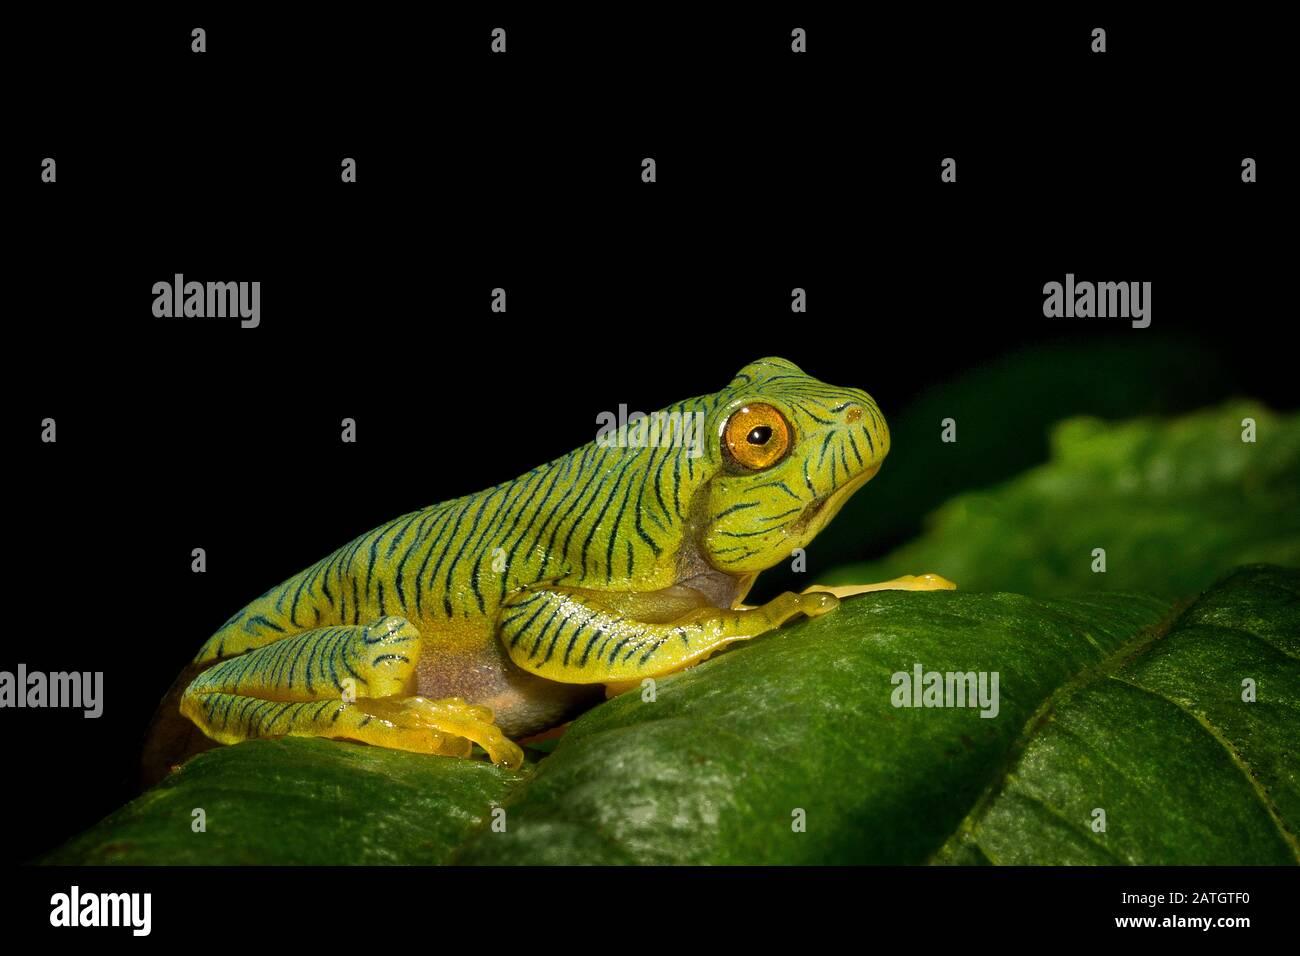 Rhacophorus pseudomalabaricus tipo de rana voladora endémico de las colinas de Anaimalai de los estados de Tamil Nadu y Kerala, India. Foto de stock